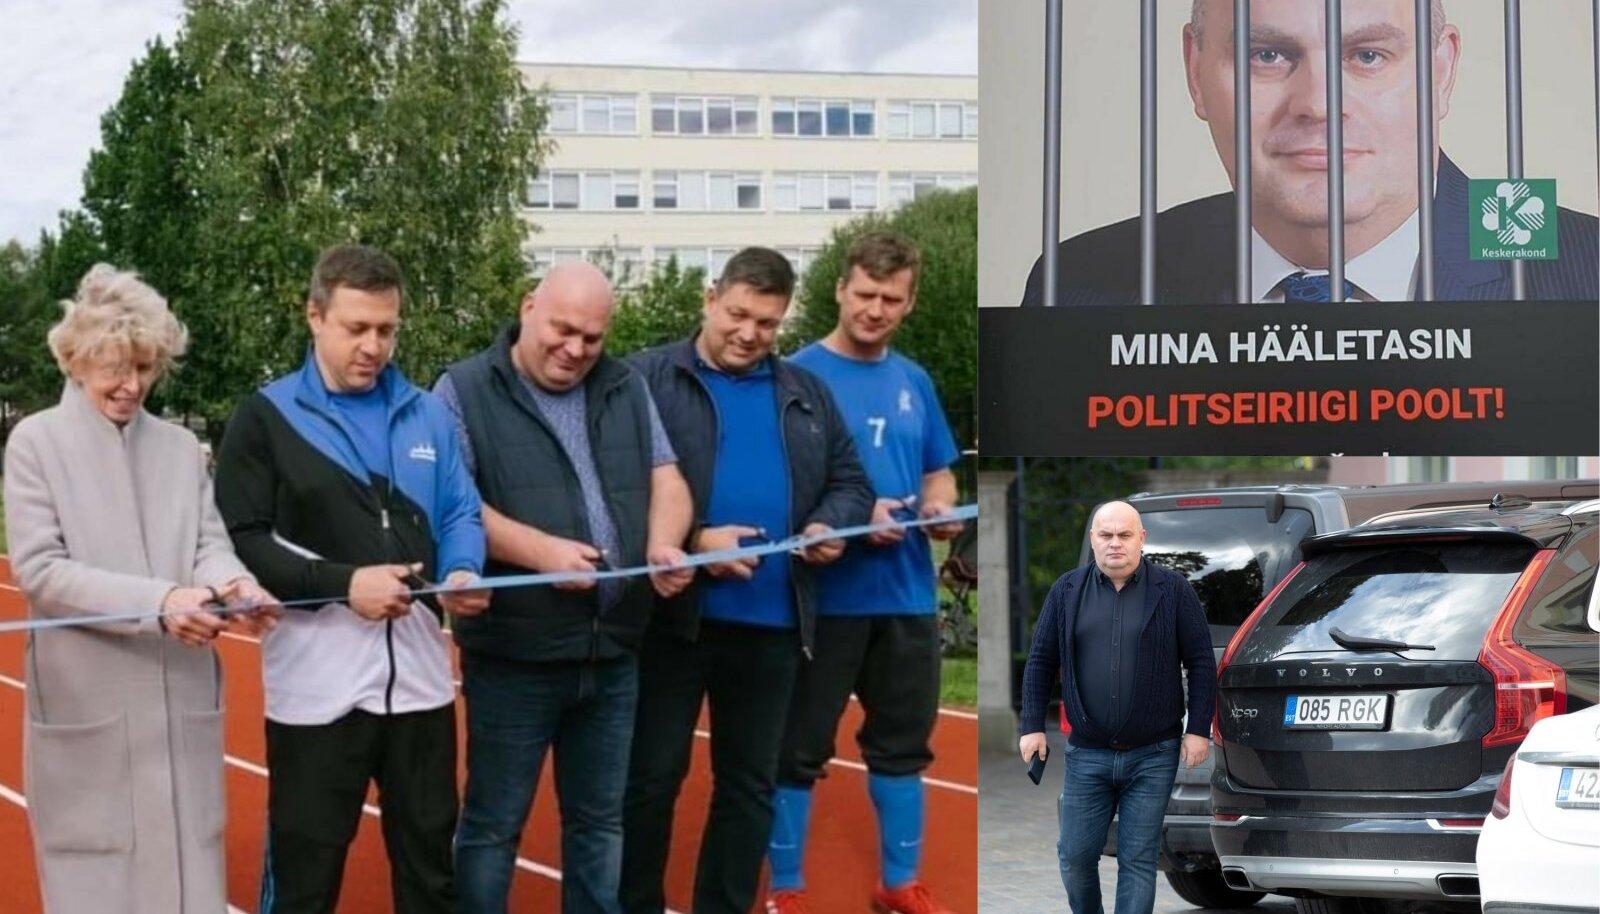 POLIITIK KRAVTŠENKO: Vasakul oleval pildil avab Kravtšenko Mustamäe koolistaadionit; paremal ülal jagas pilti plakatist, mille tegid protestijad ning all paremal teel oma kurikuulsaks saanud Volvost parlamenti.